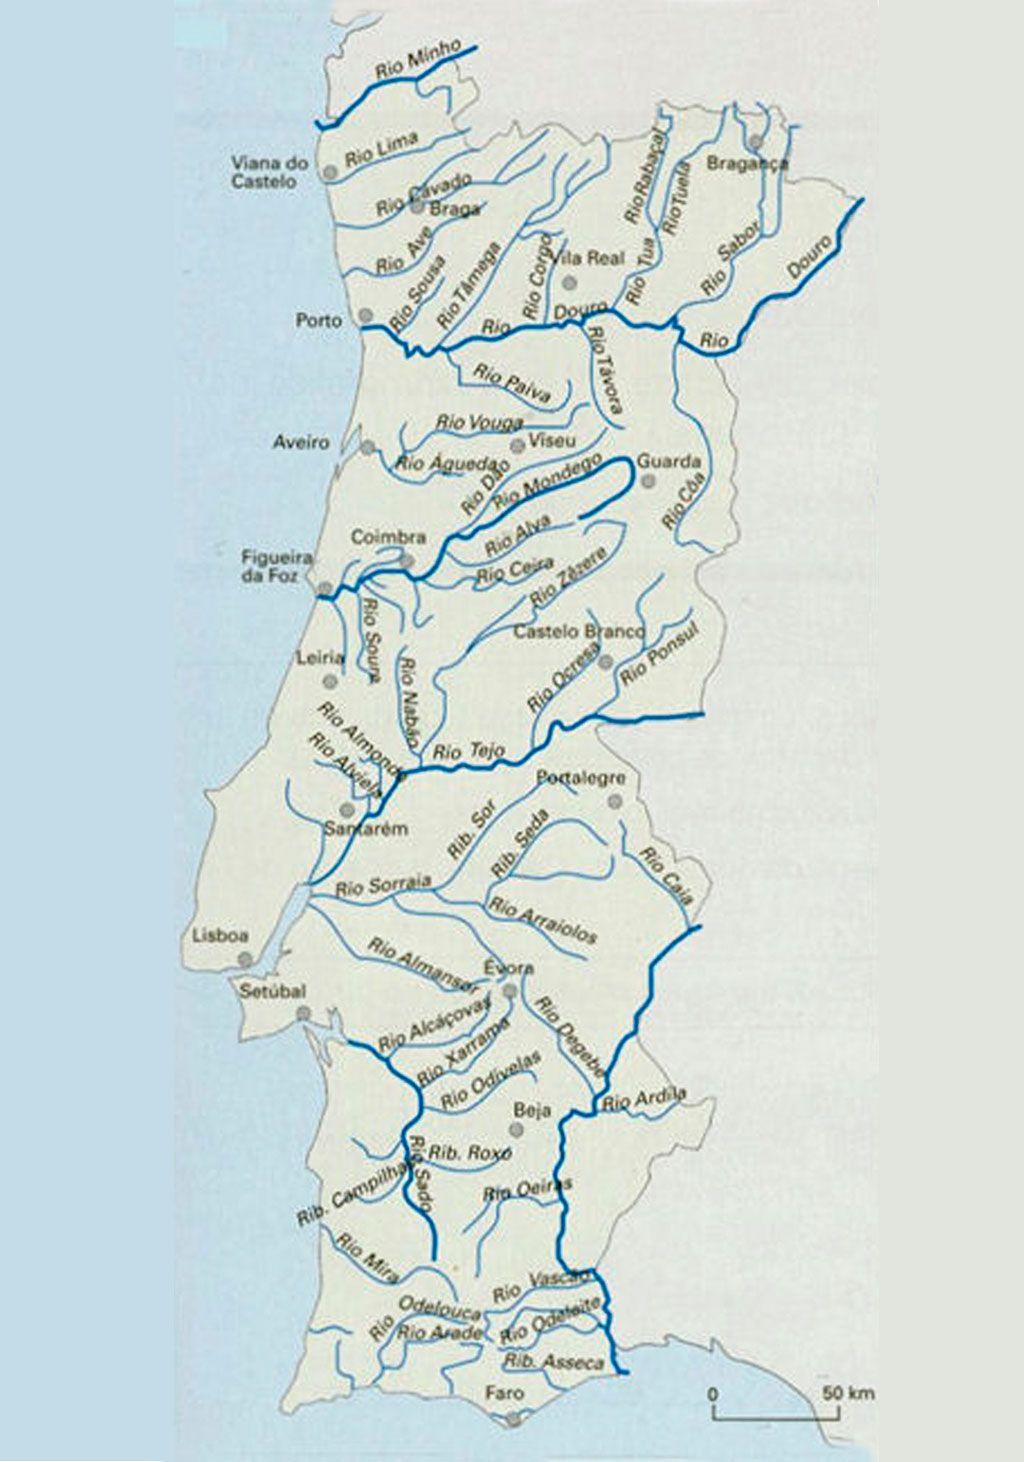 mapa de rios portugal Resultado de imagem para mapa de portugal rios e regiões | AI_4.1  mapa de rios portugal